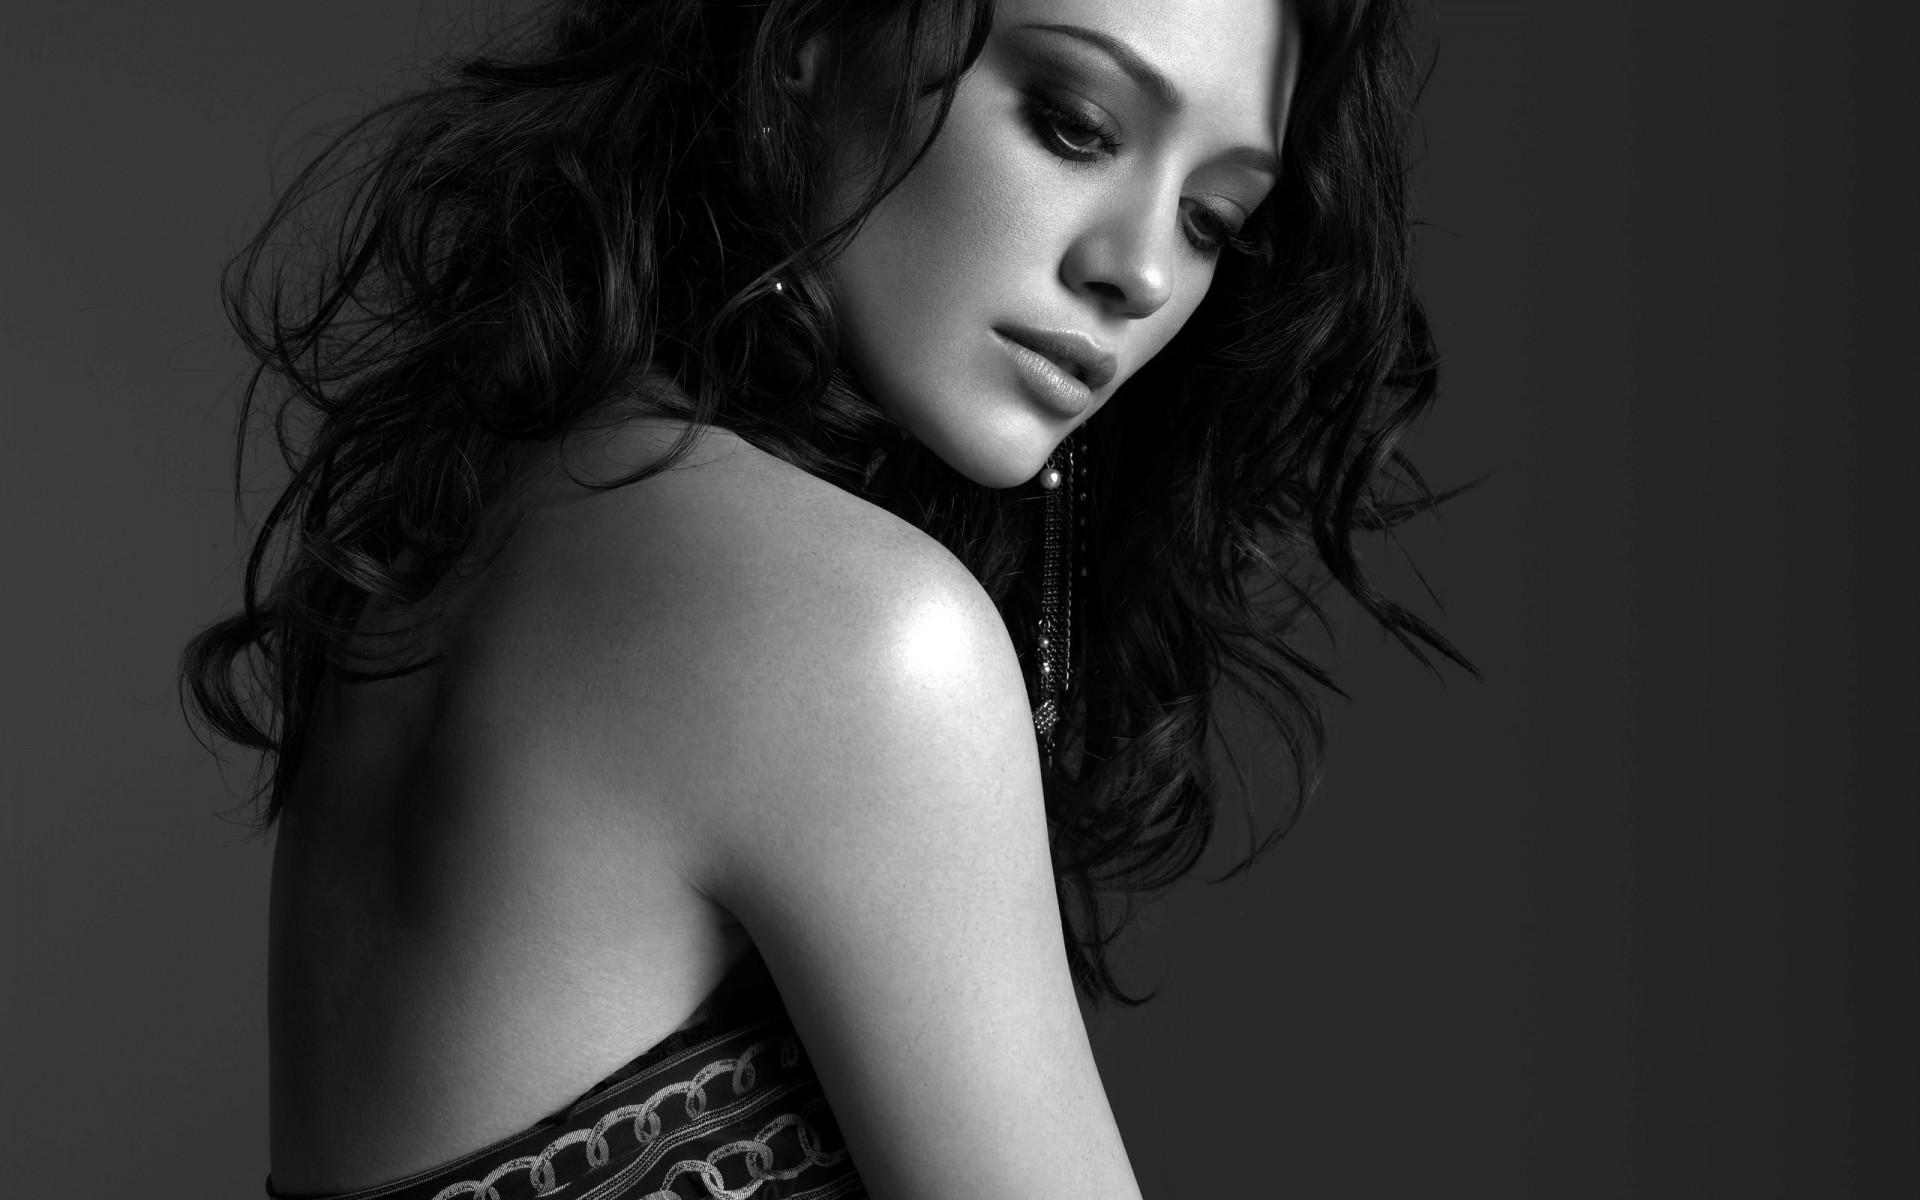 красивые брюнетки черно белые фото прикрытая мохнатка